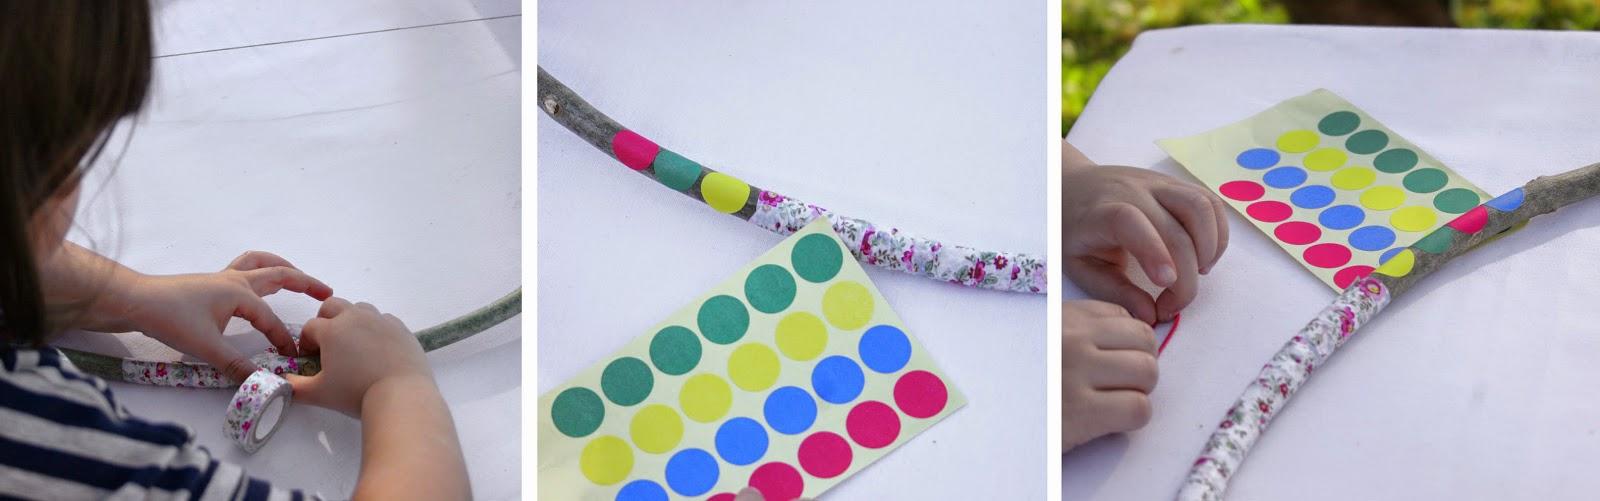 Decorando el arco de indio diy con washi-tape y  gomets